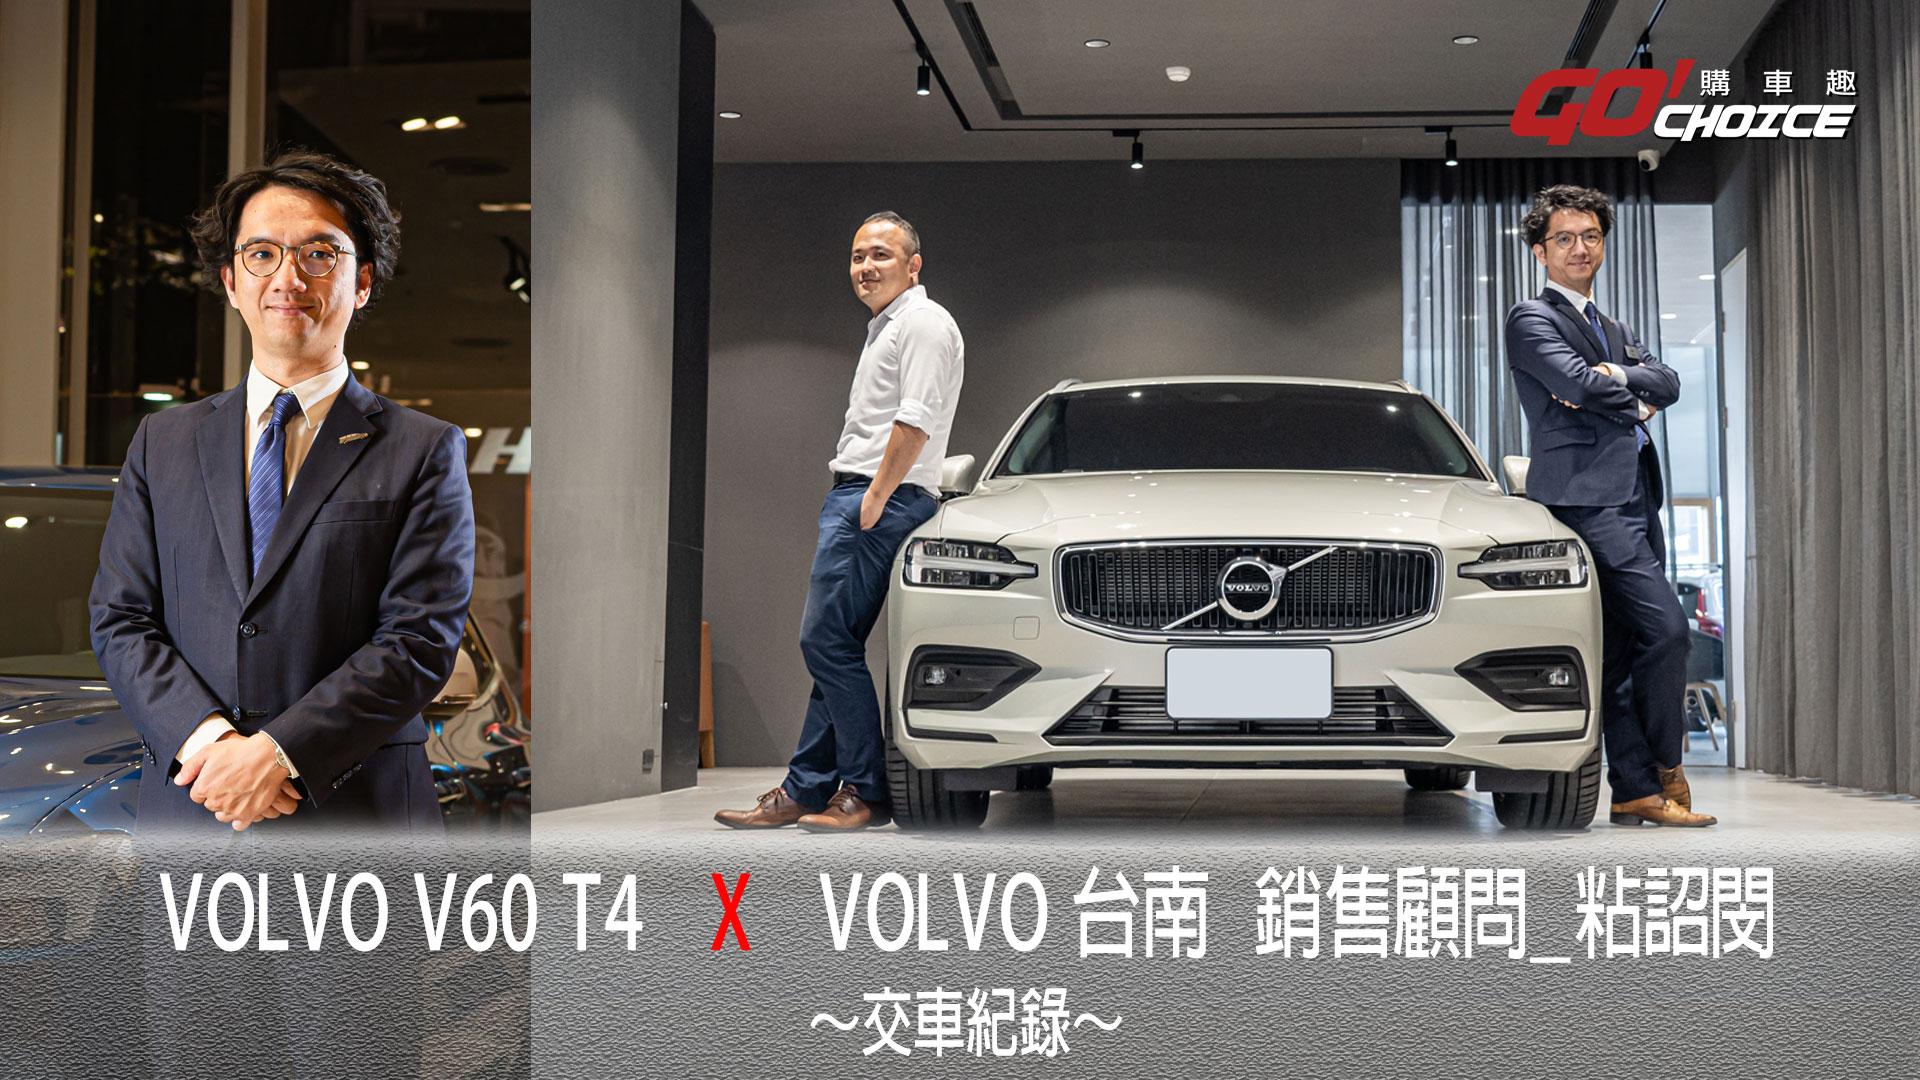 交車紀錄-VOLVO V60 T4_VOLVO台南 銷售顧問-粘詔閔